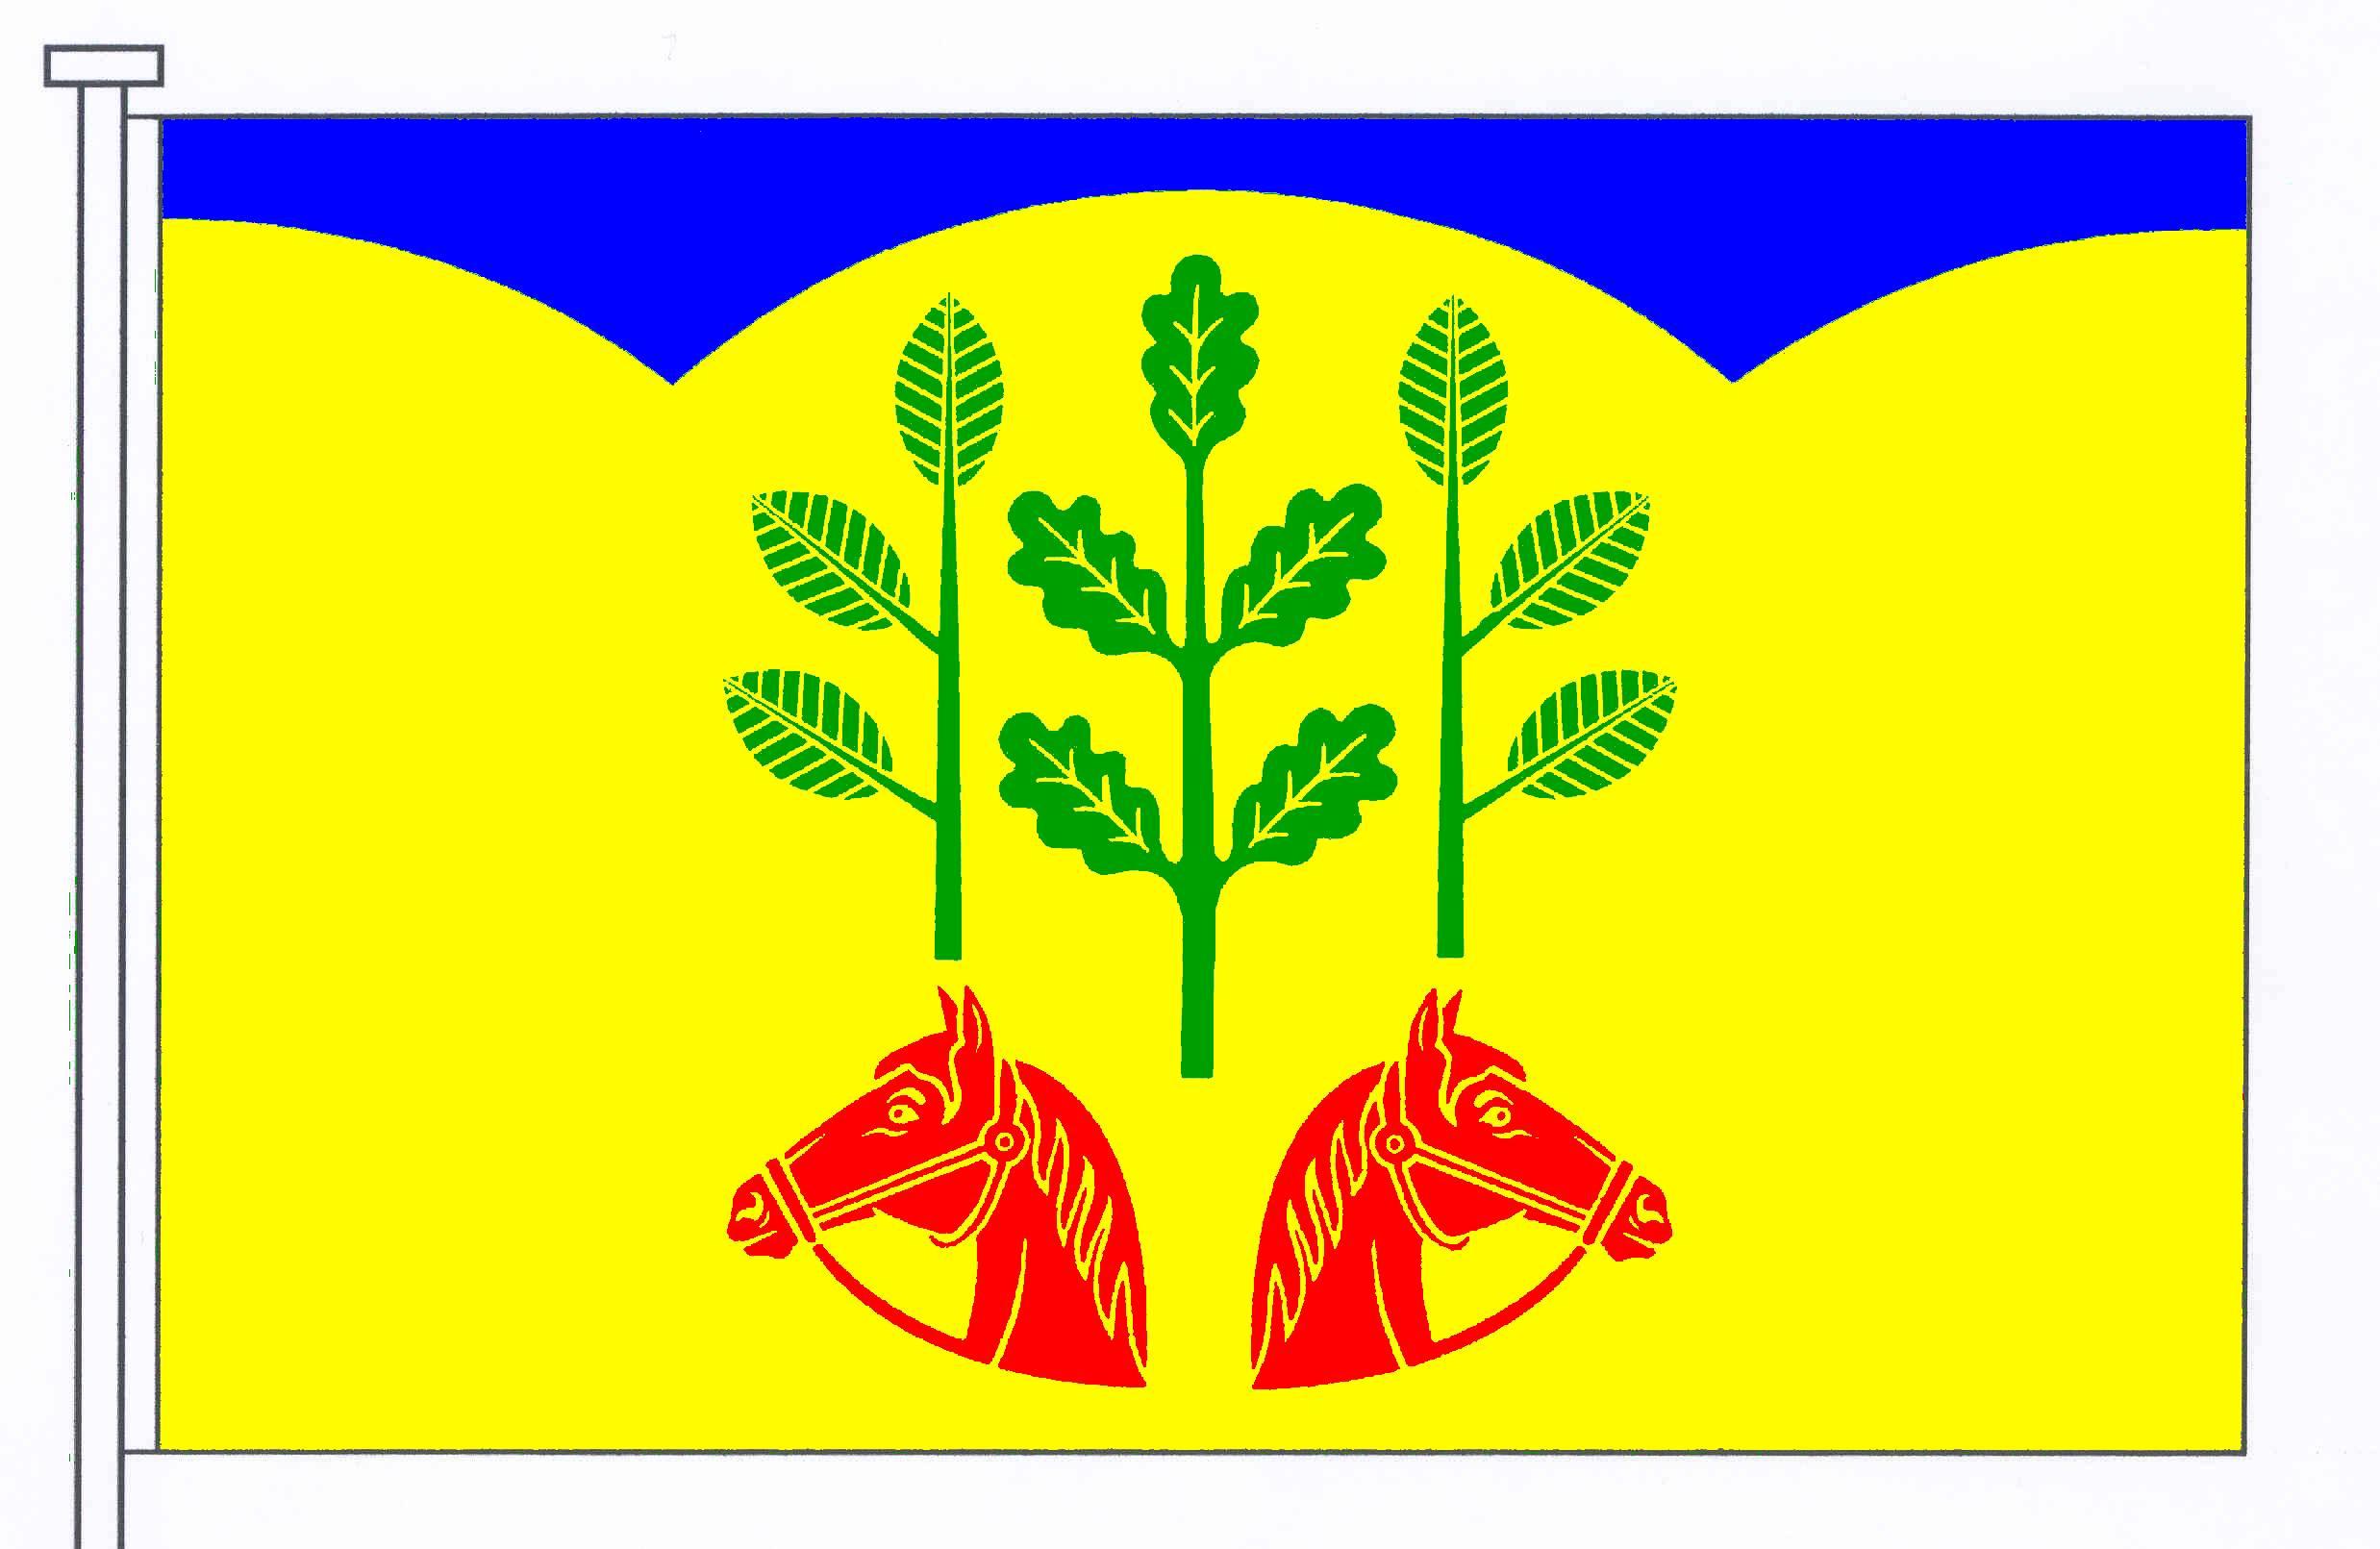 Flagge GemeindeSchönhorst, Kreis Rendsburg-Eckernförde